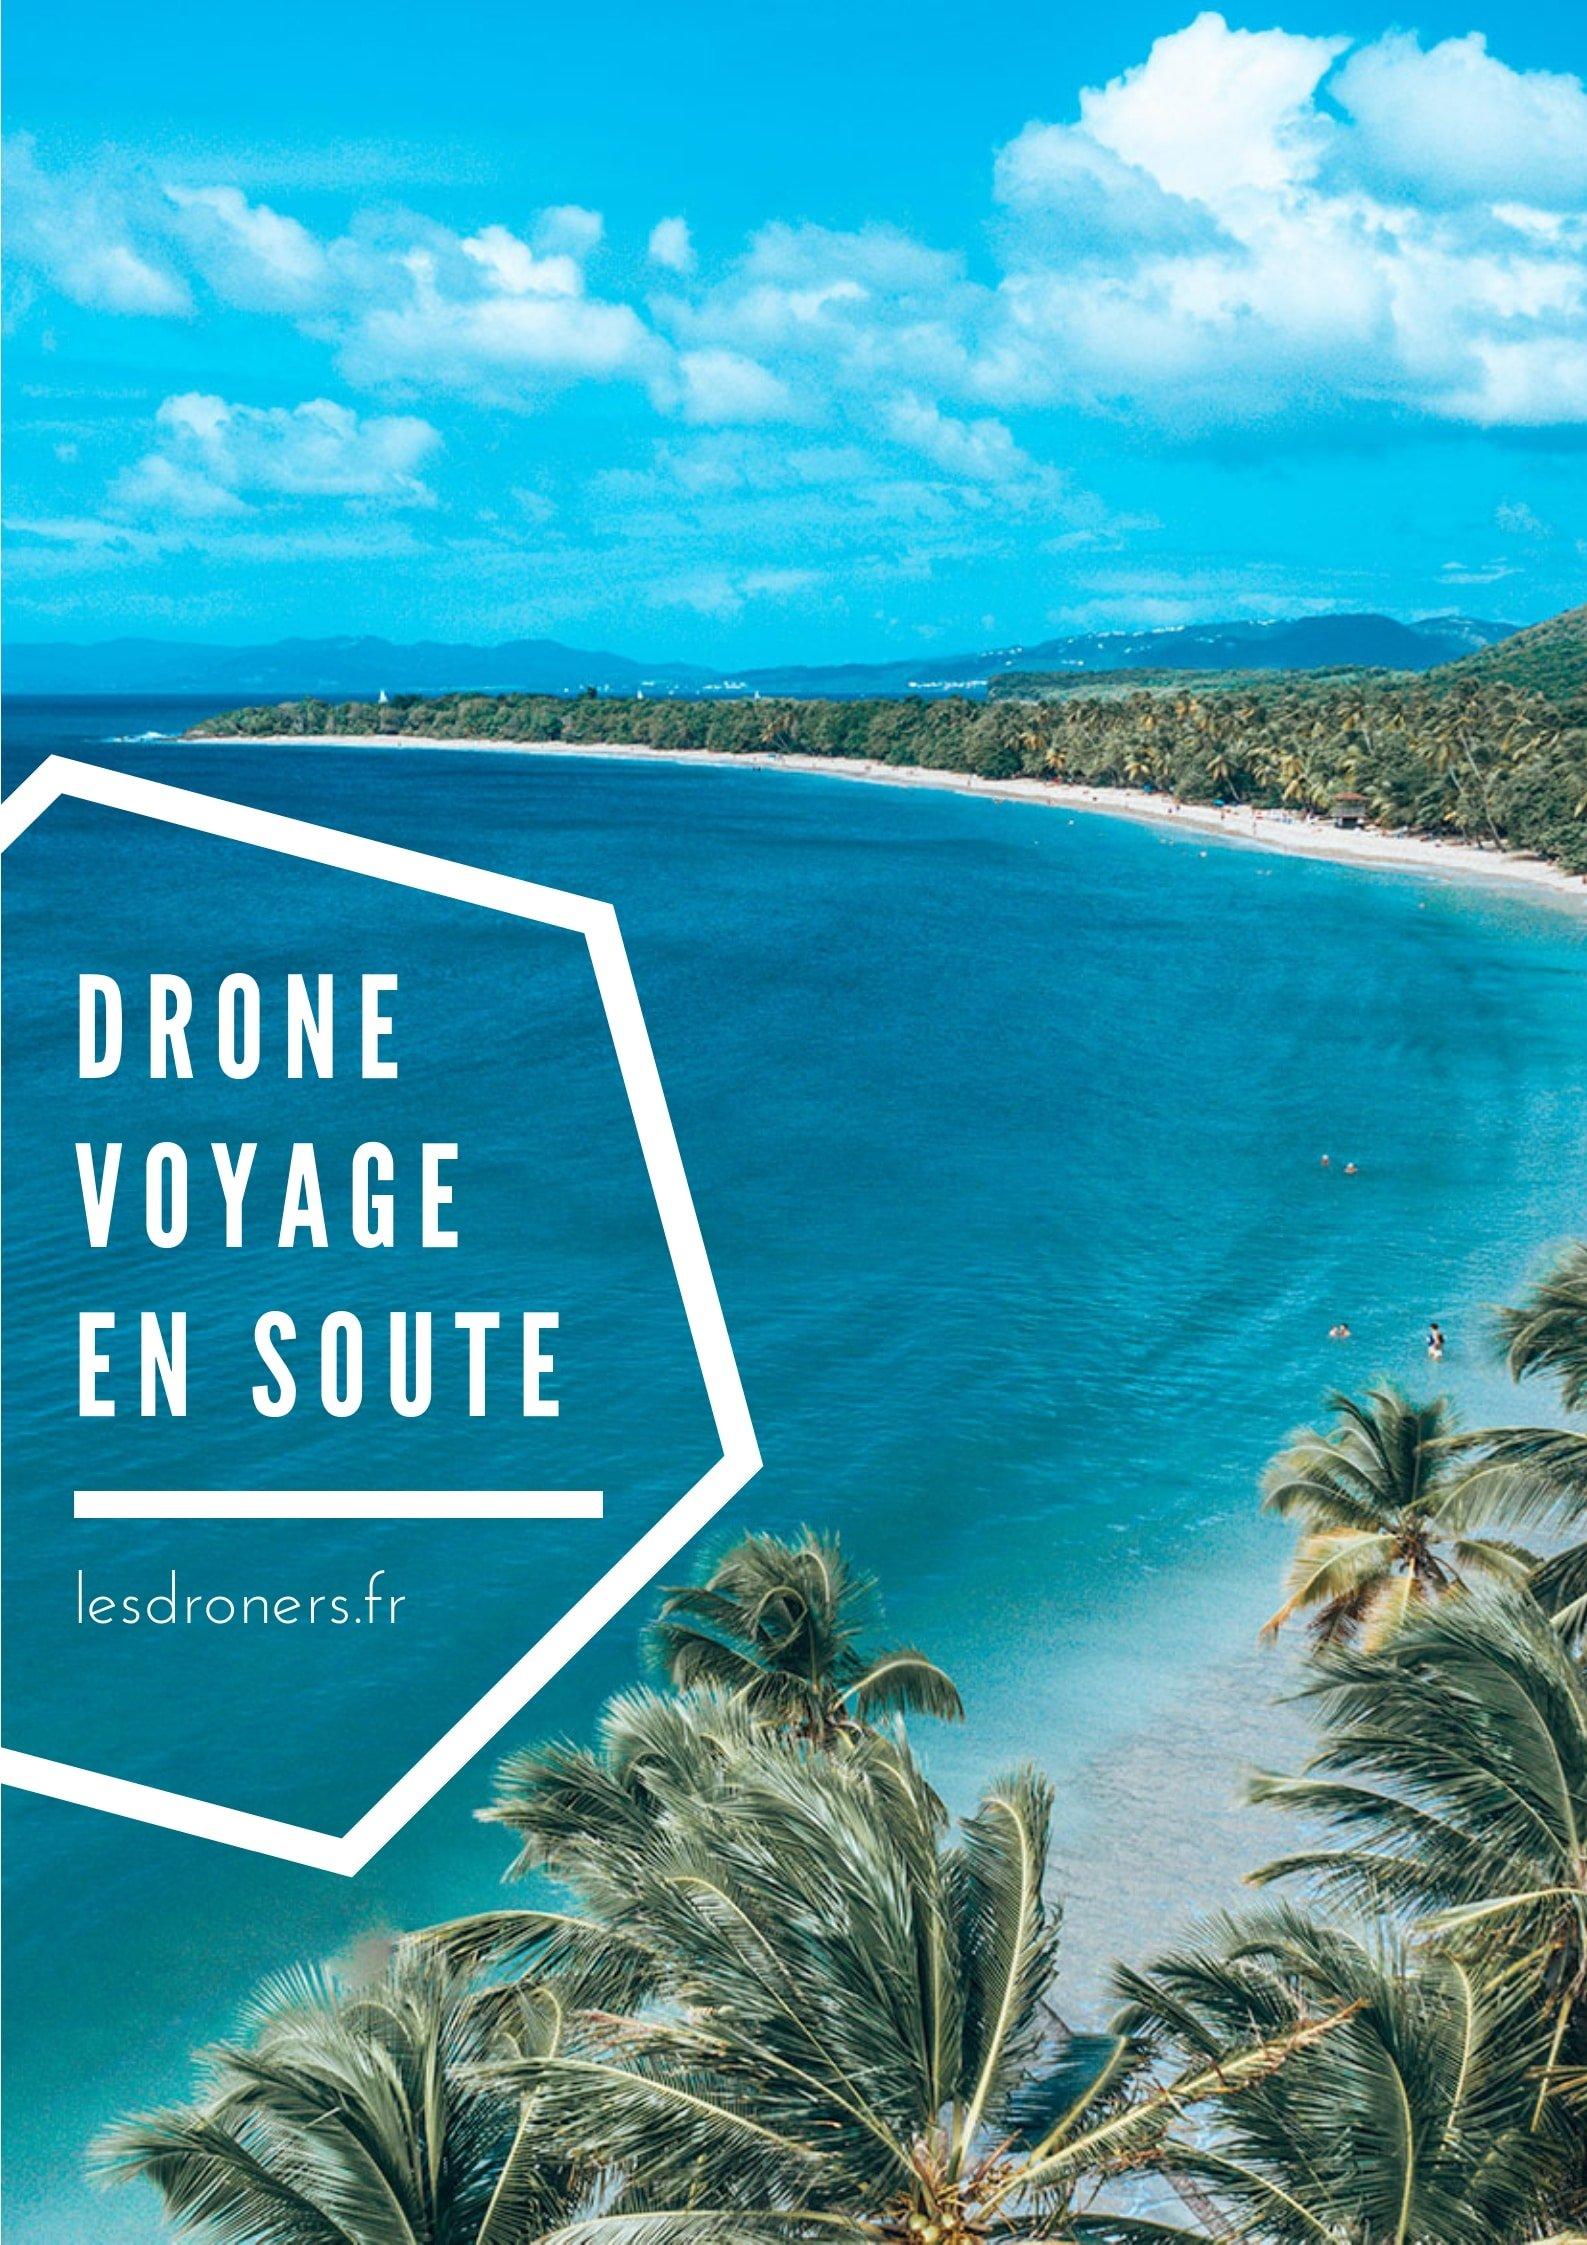 drone voyage en soute